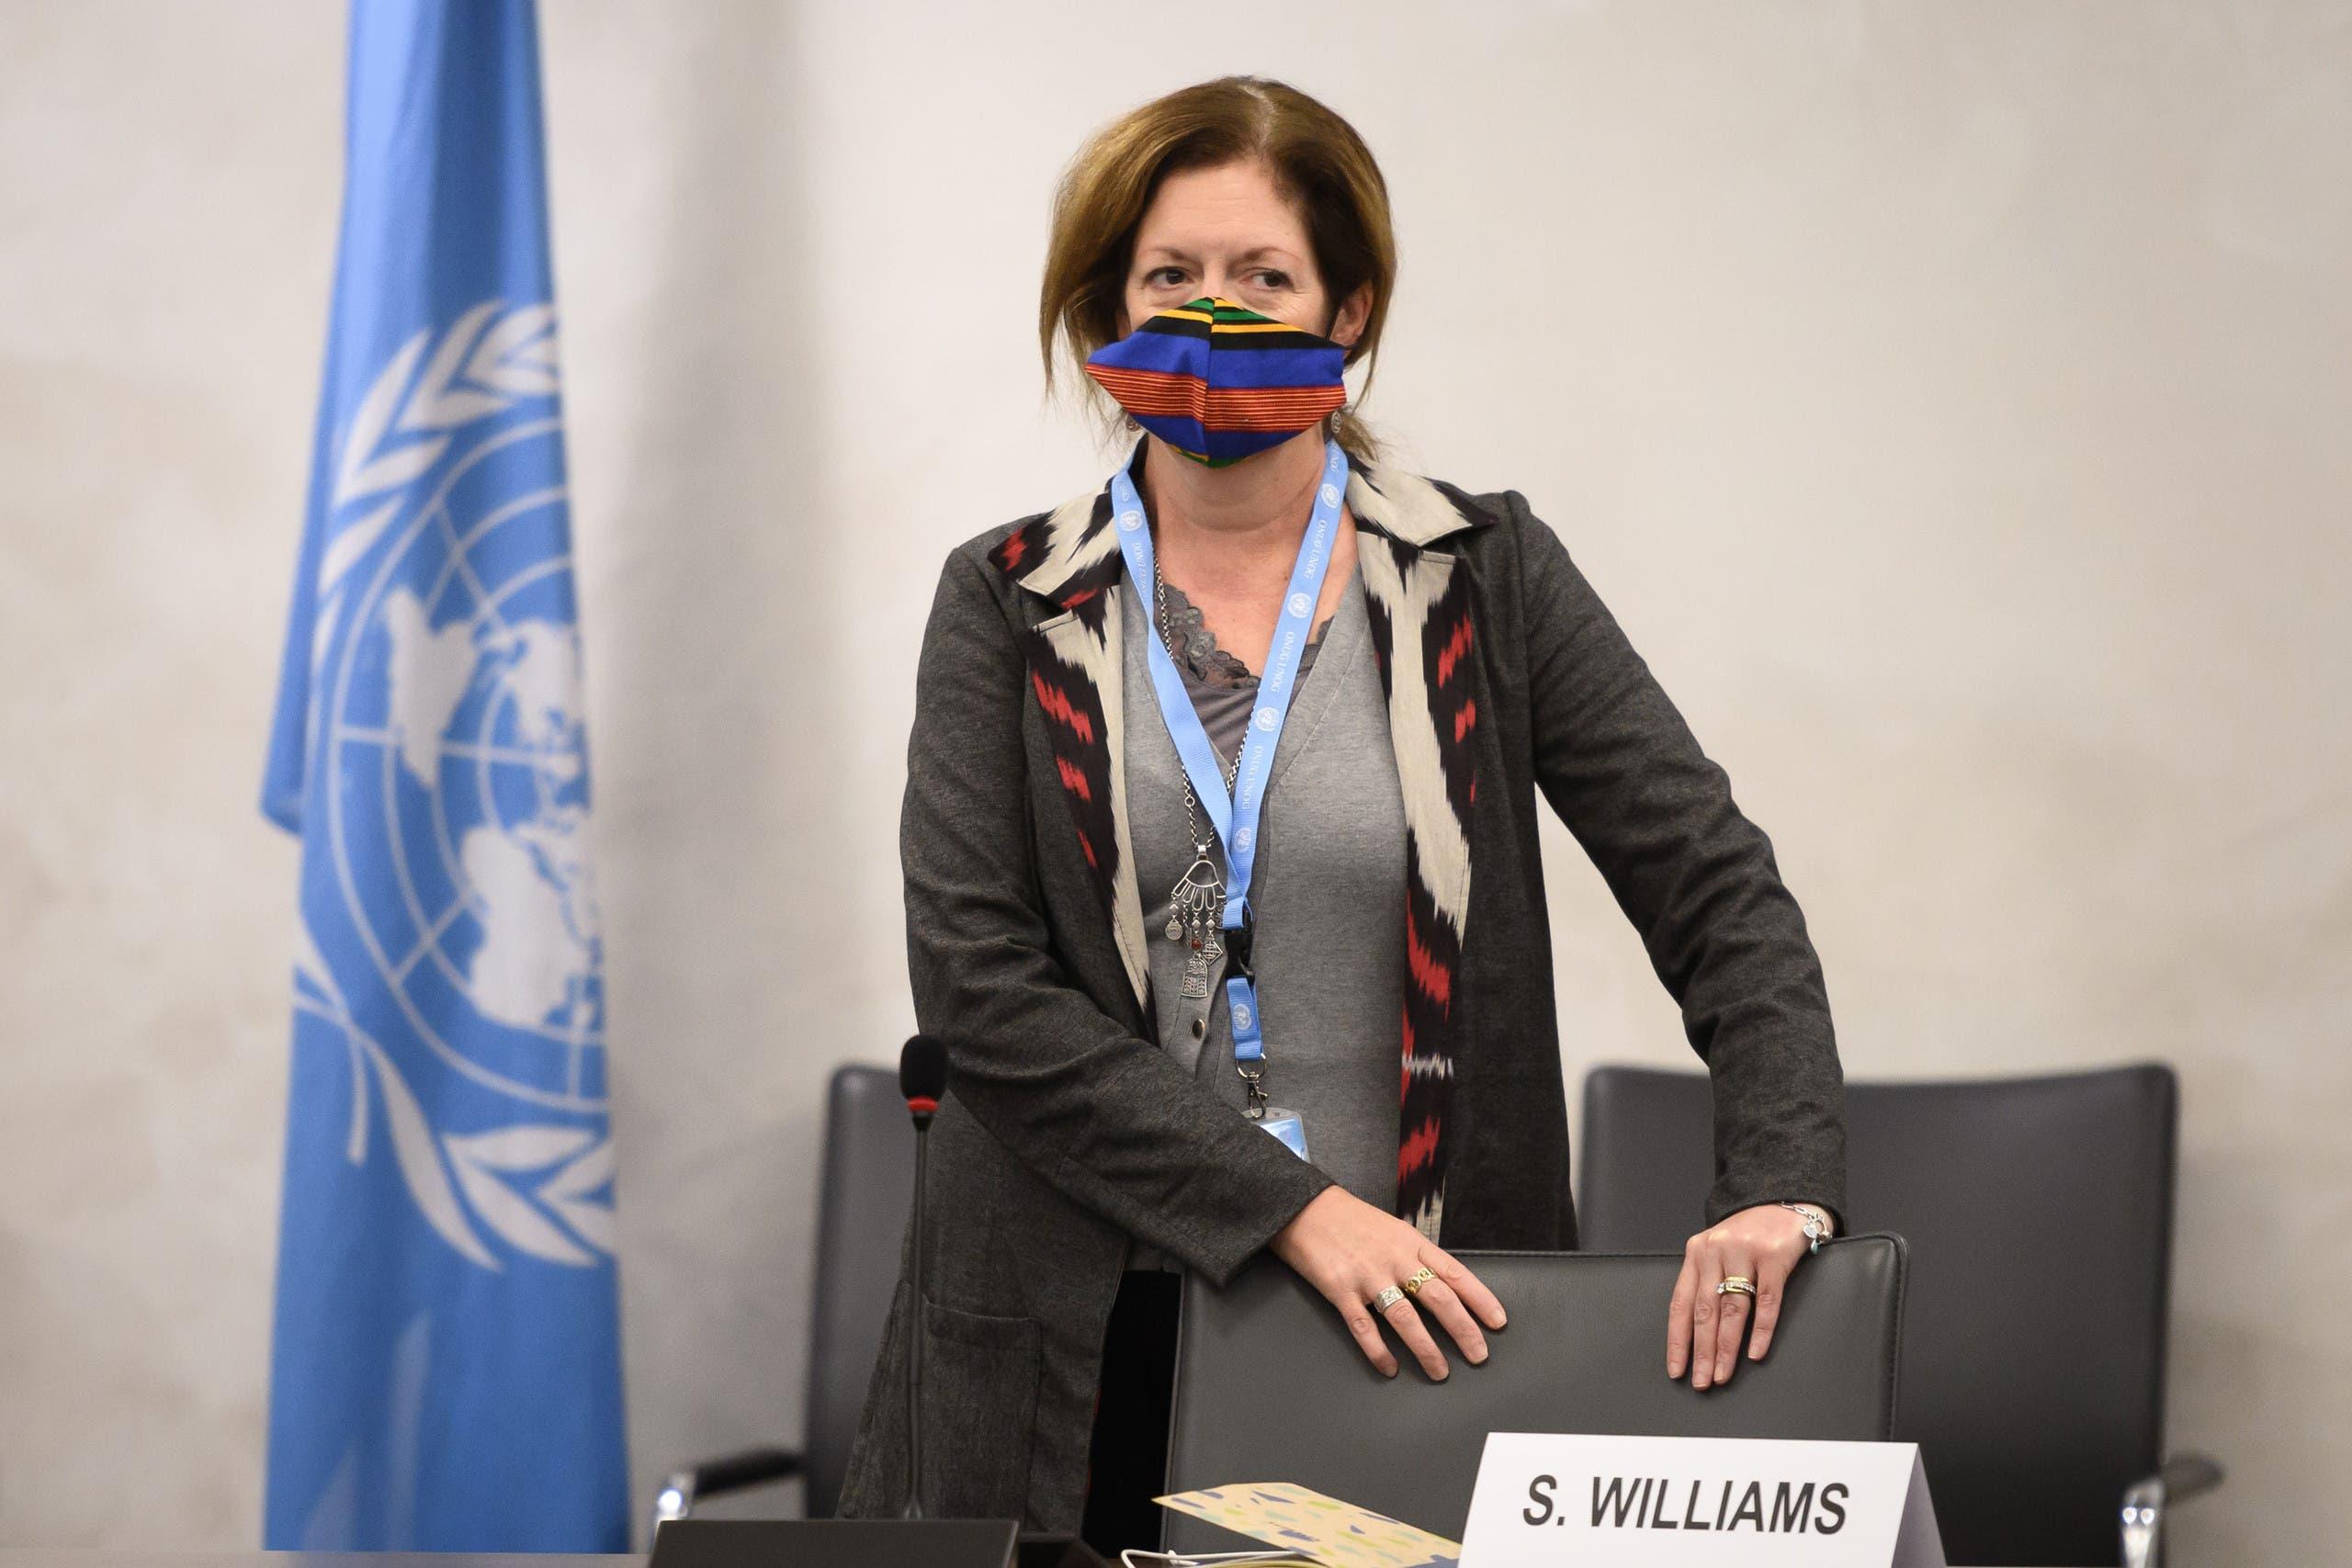 مبعوثة الأمم المتحدة بالإنابة إلى ليبيا ستيفاني ويليامز (أرشيفية)